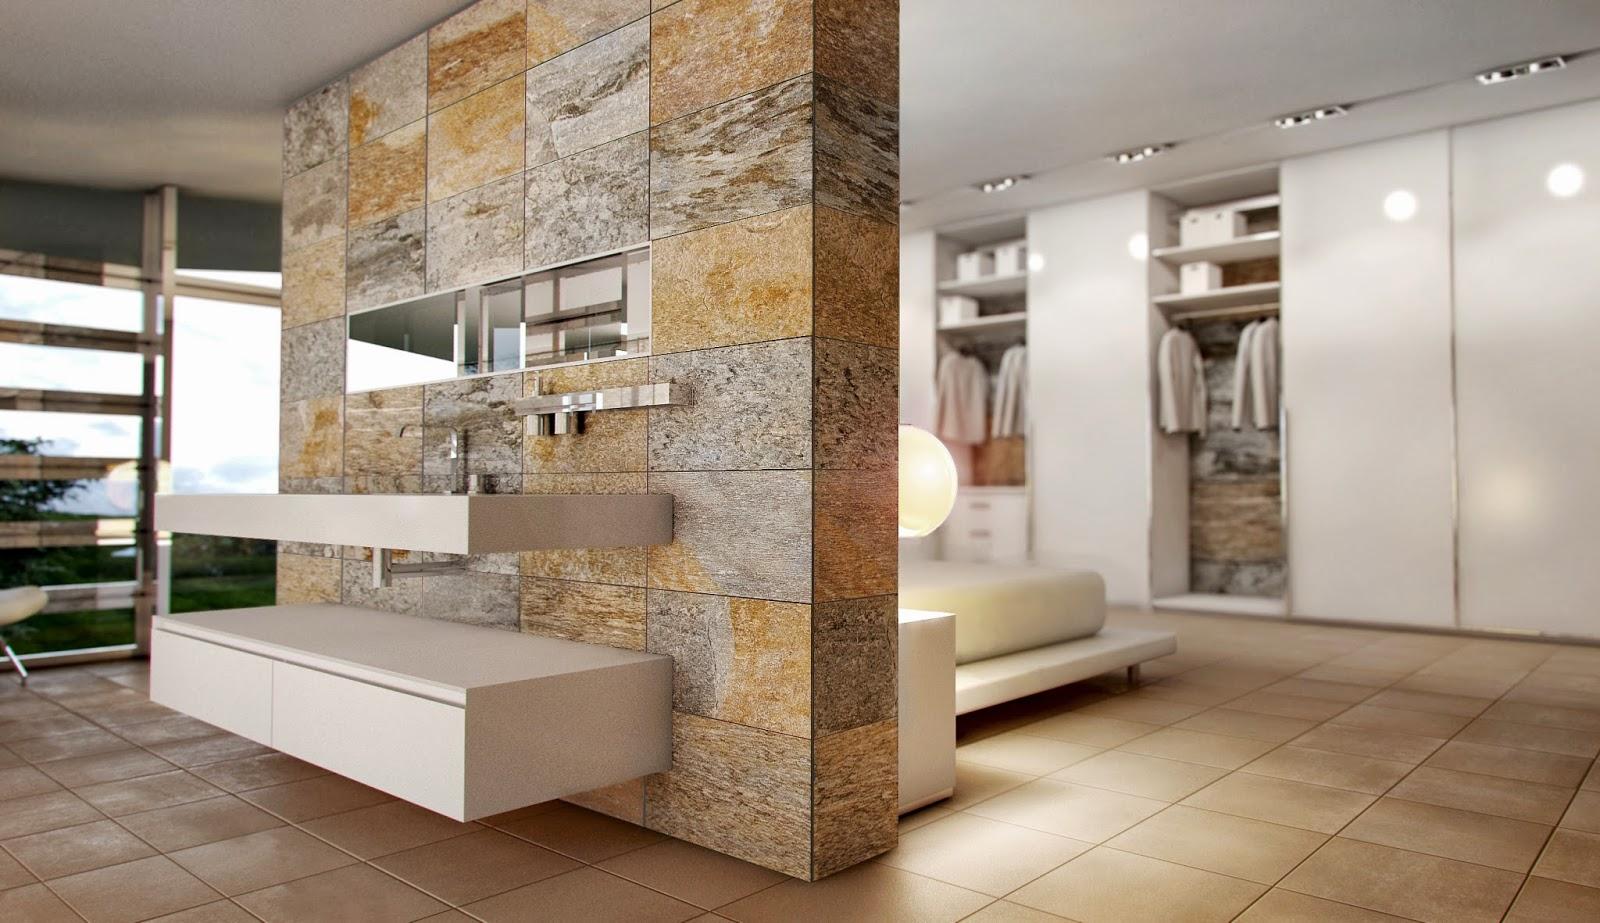 B gutier interiorismo y decoraci n cuartos de ba o - Parquet para banos ...